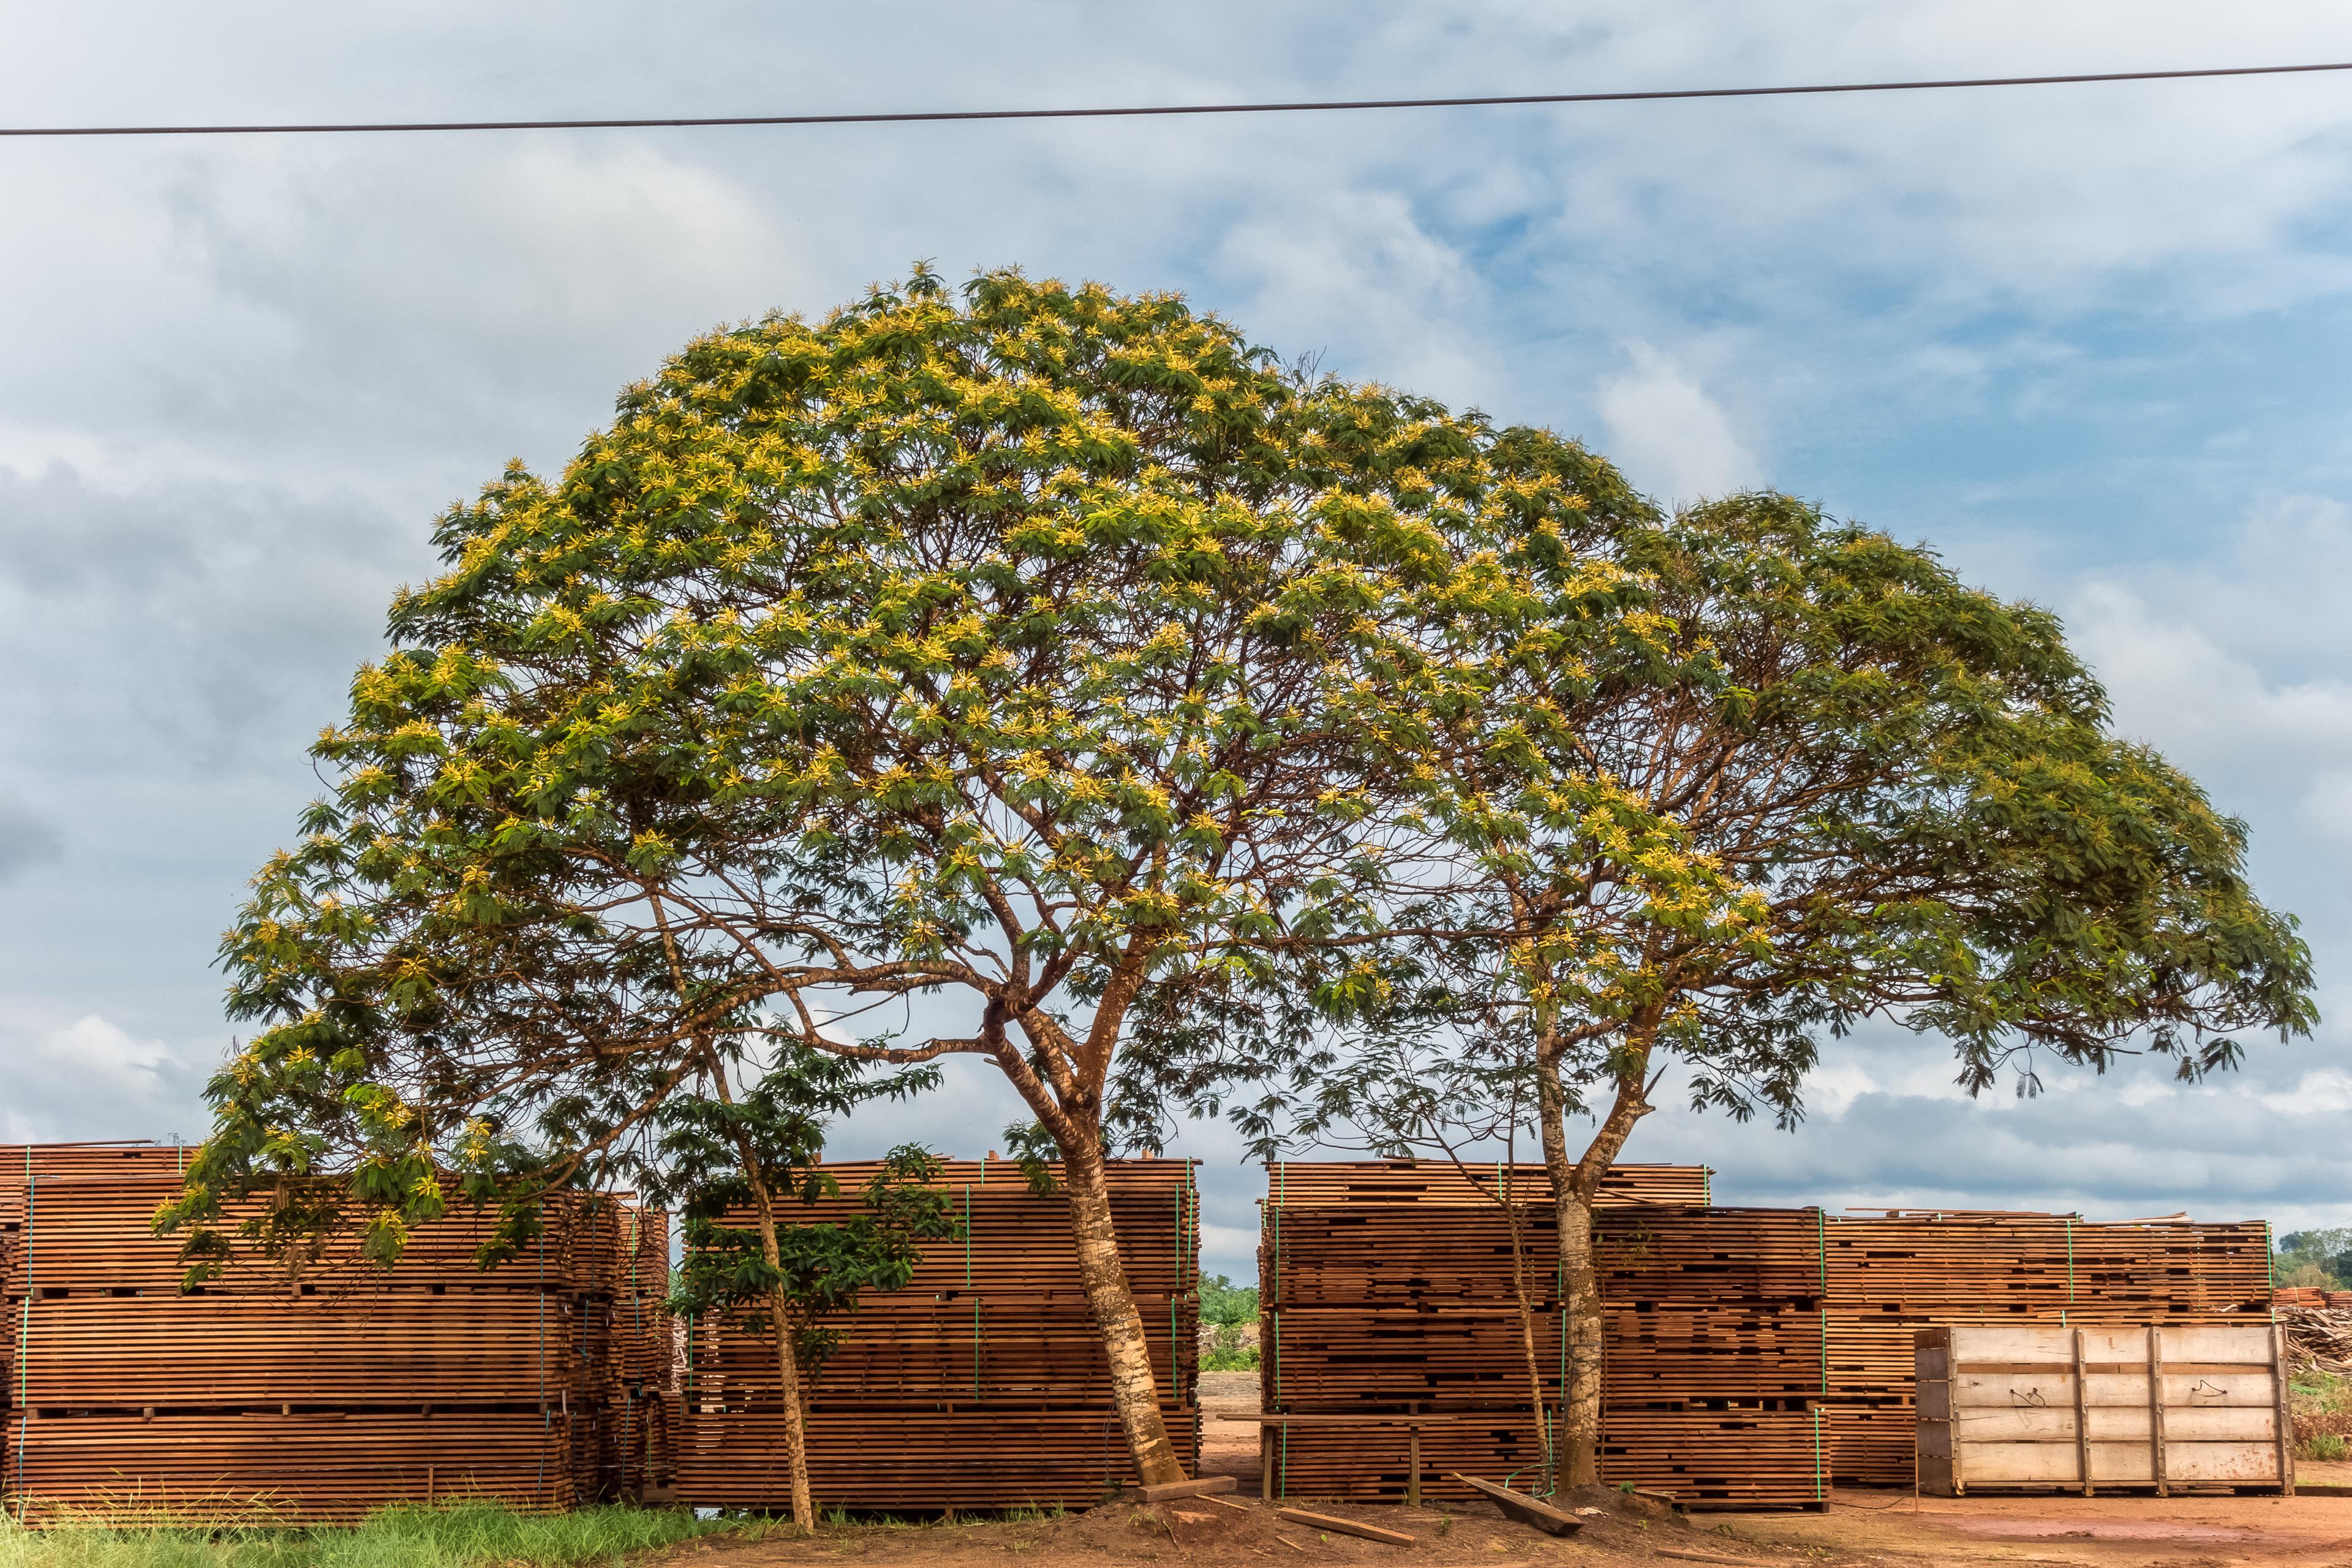 Fórum discute soluções para aumentar legalidade e sustentabilidade da produção de madeira na Amazônia